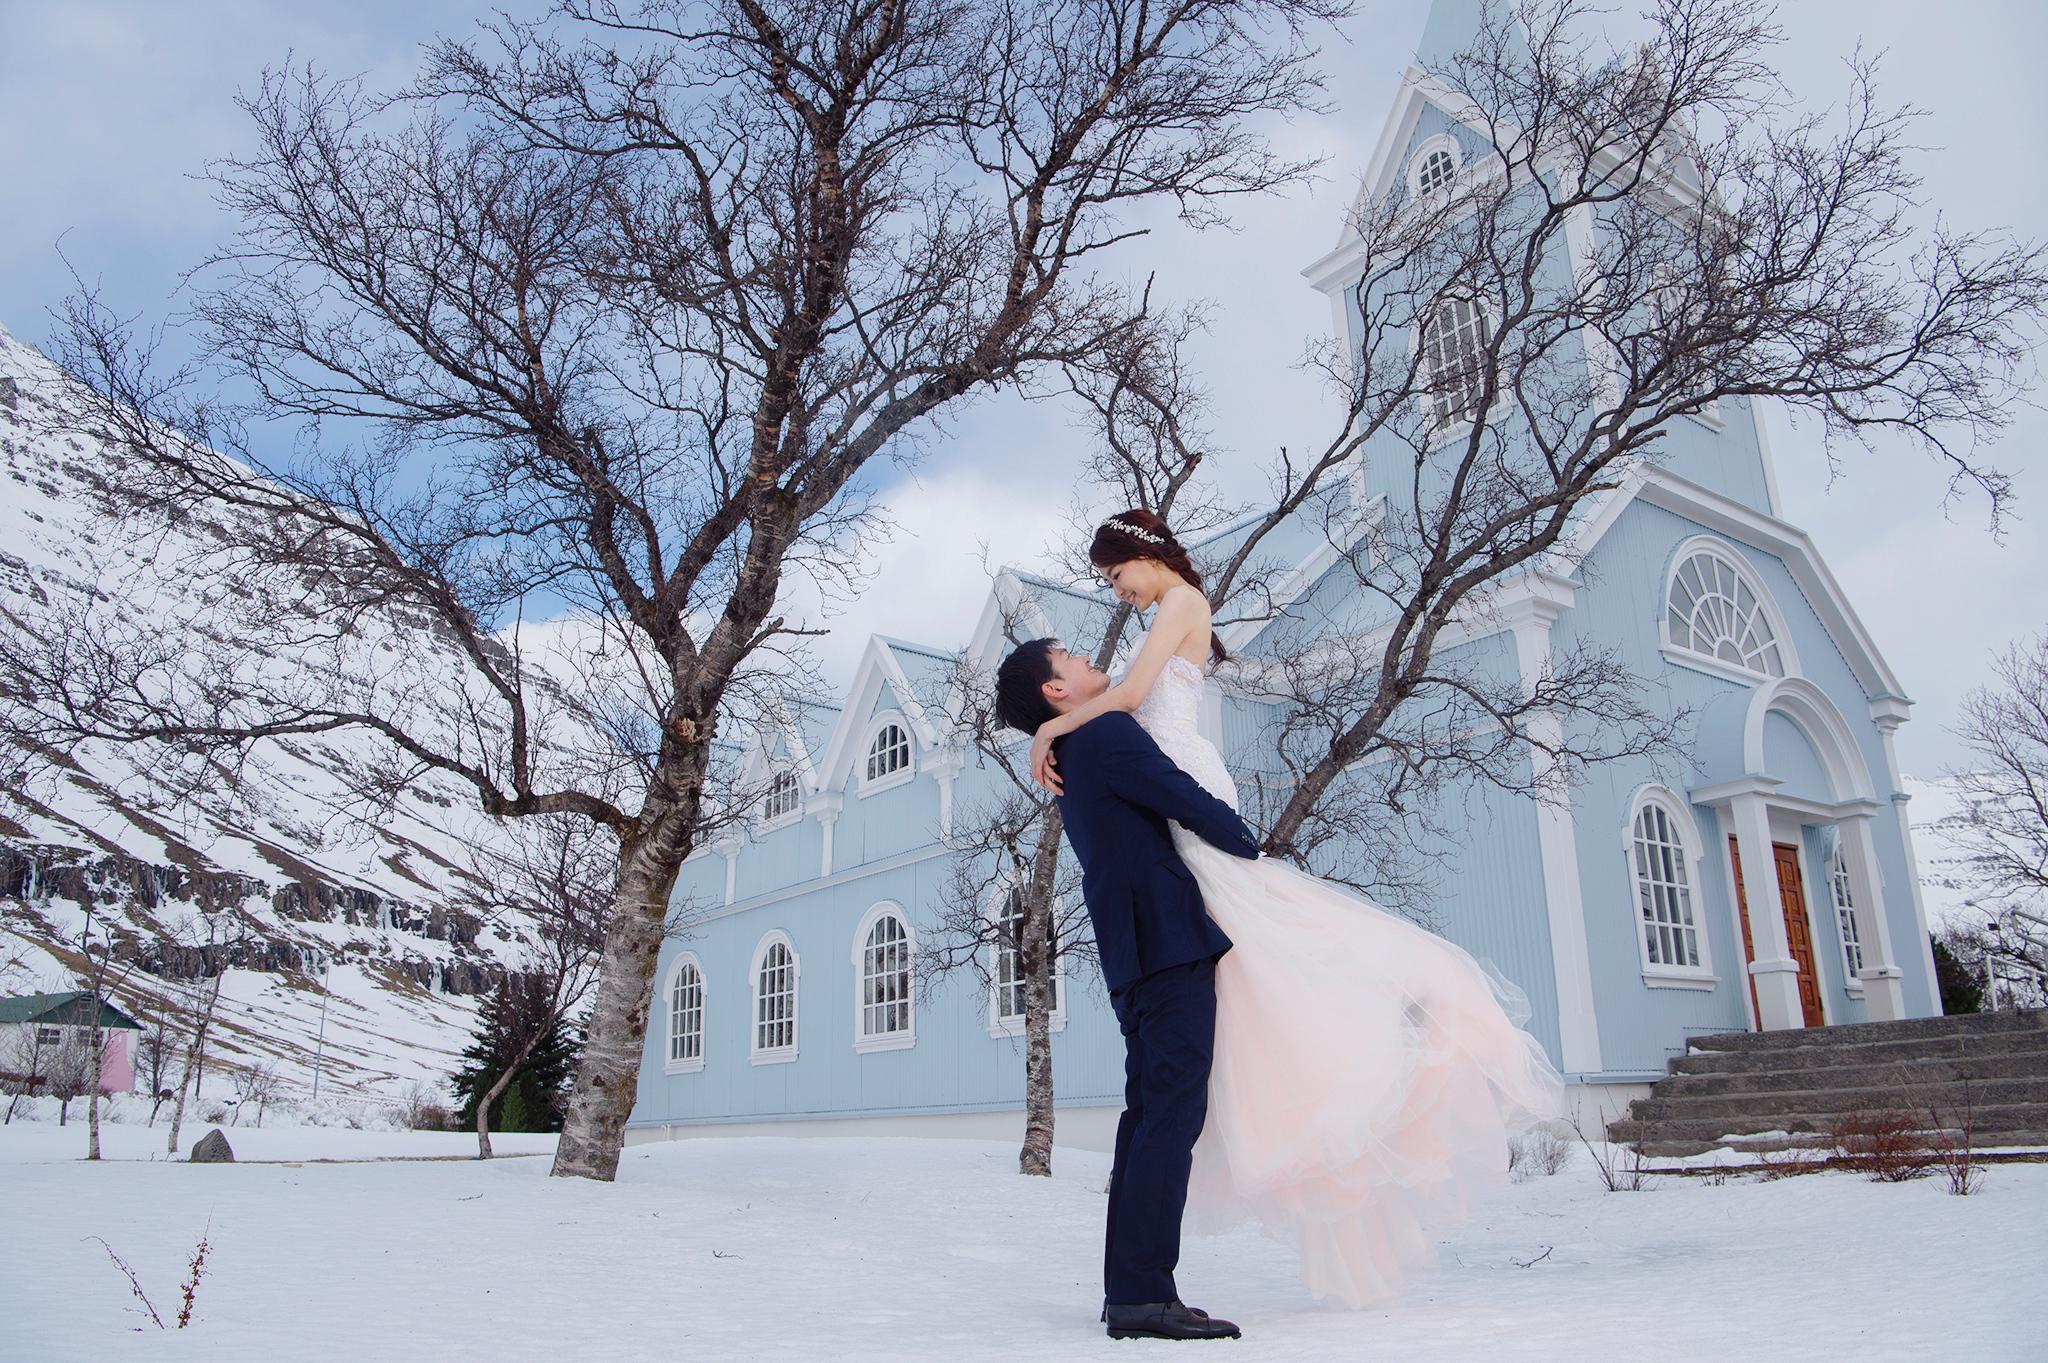 冰島攻略, 冰島婚紗, Donfer, Iceland Pre-Wedding, 塞濟斯菲厄澤, Seyðisfjörður